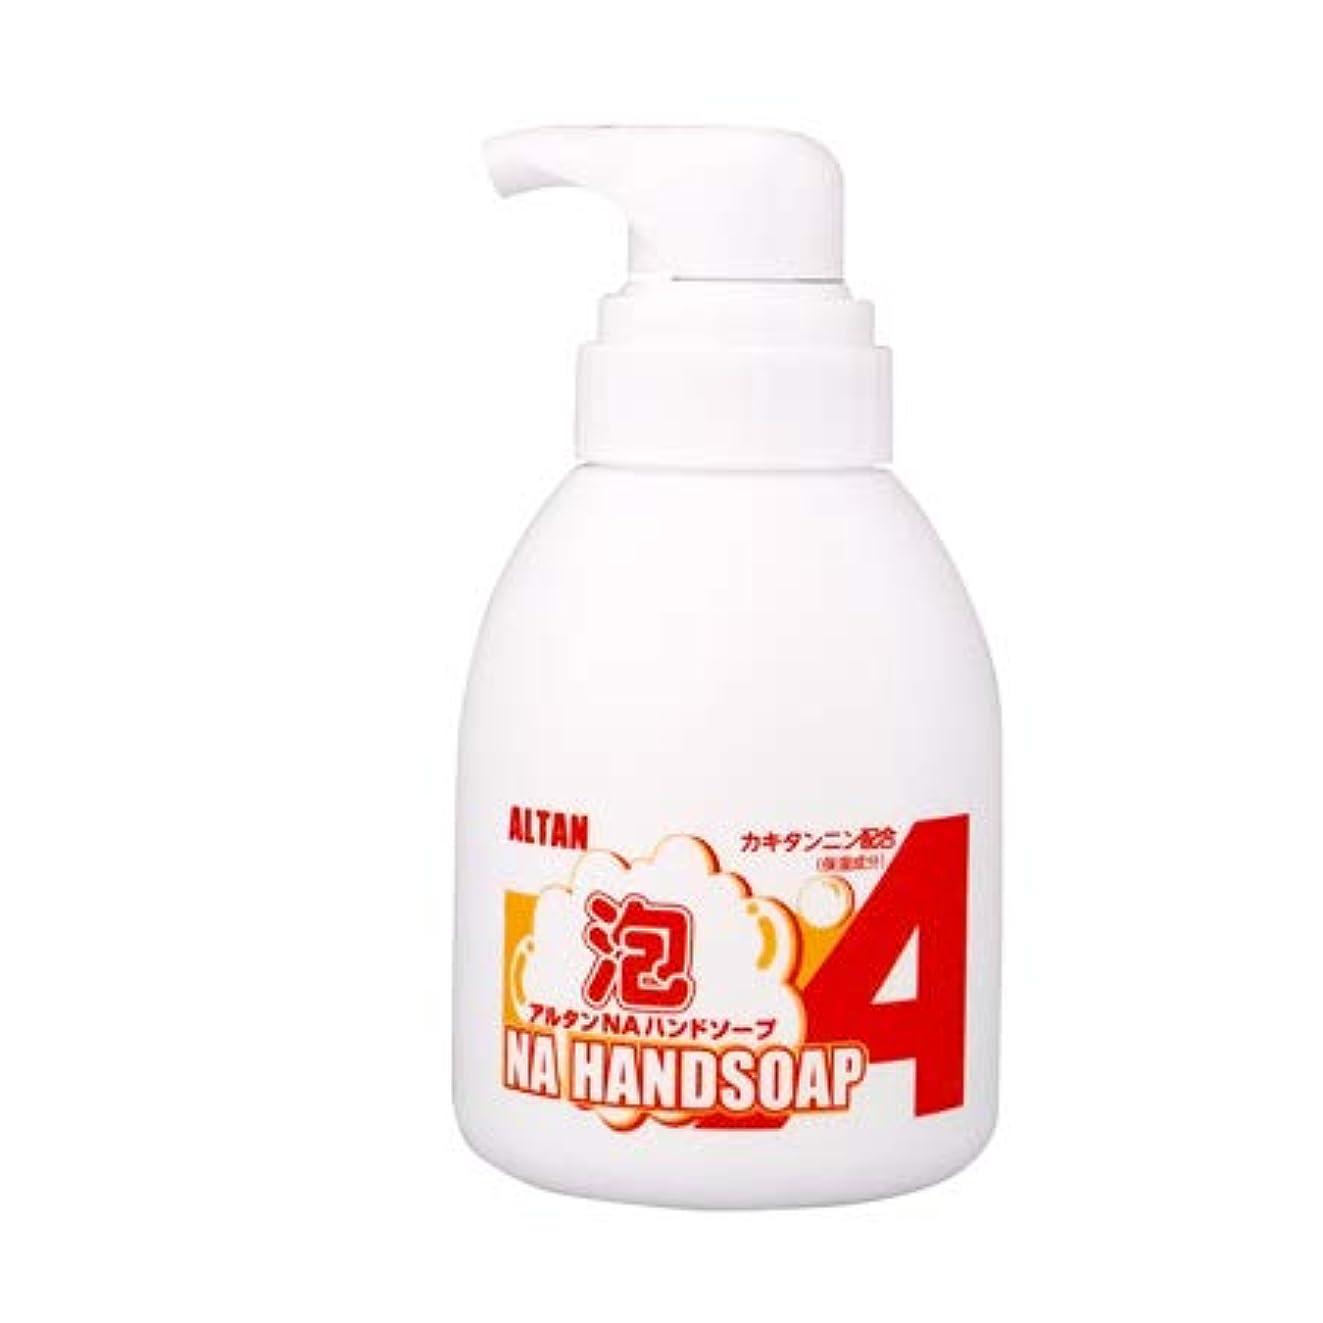 粗い霧基礎アルタンNAハンドソープ 泡タイプ 500ml ボトル 1ケース (20本入)